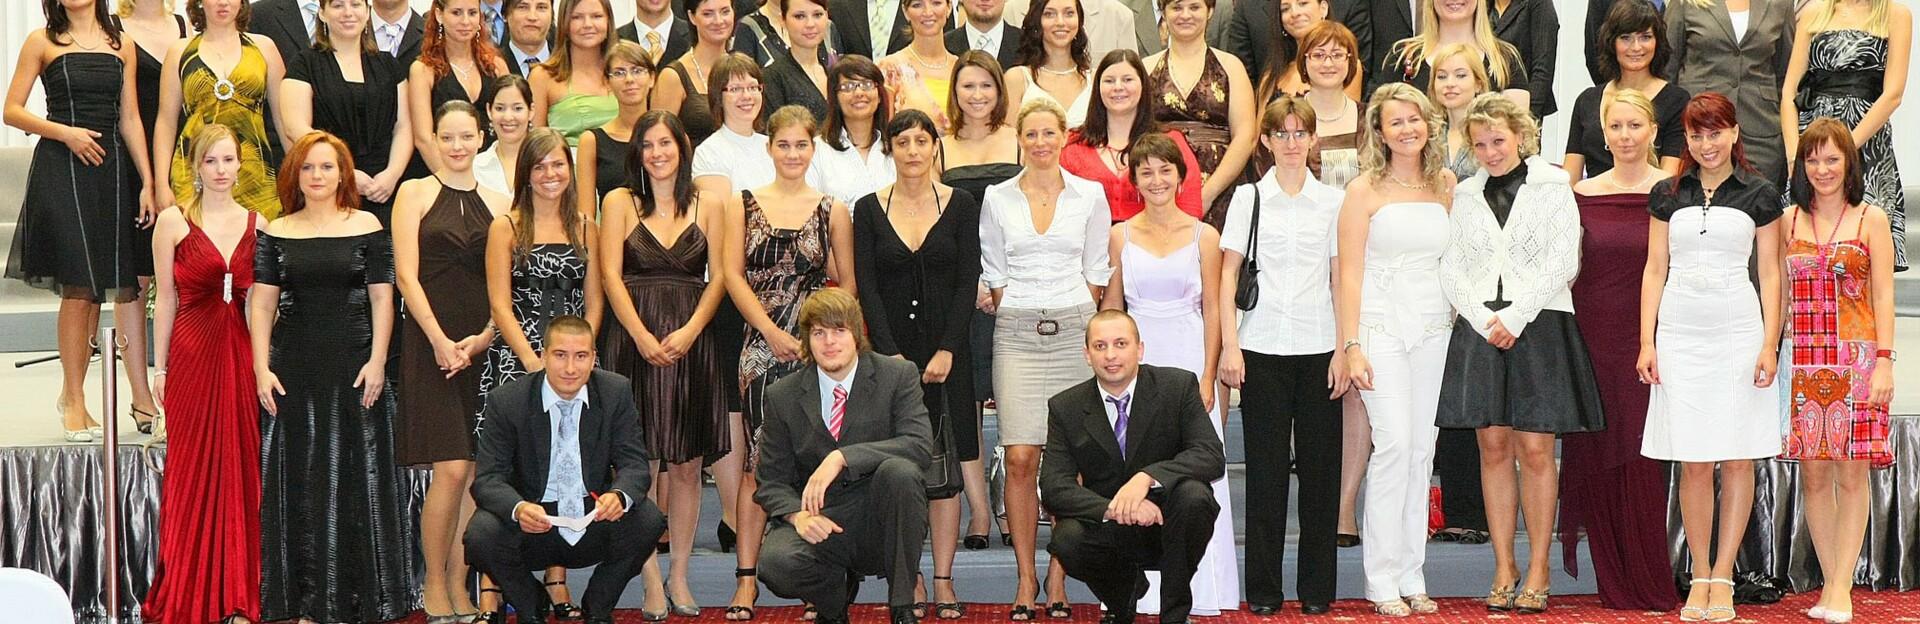 Vysoká škola ekonómie a manažmentu verejnej správy (VSEMVS)